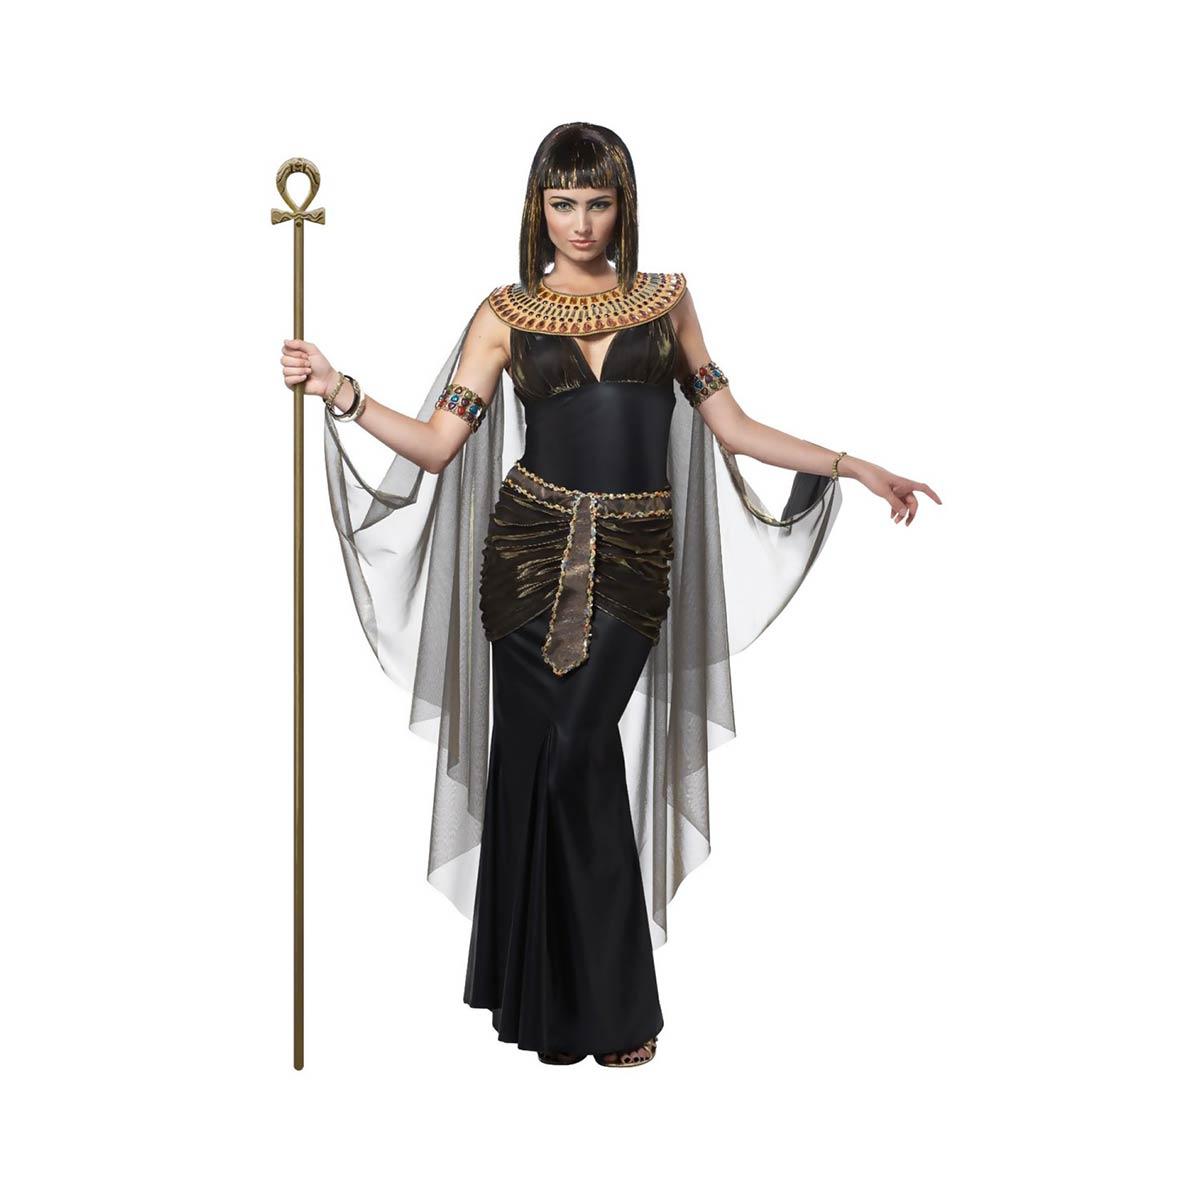 クレオパトラ コスチューム 大人 女性用 ベリーダンス 衣装 エジプト 古代 ブラック ナイトミュージアム